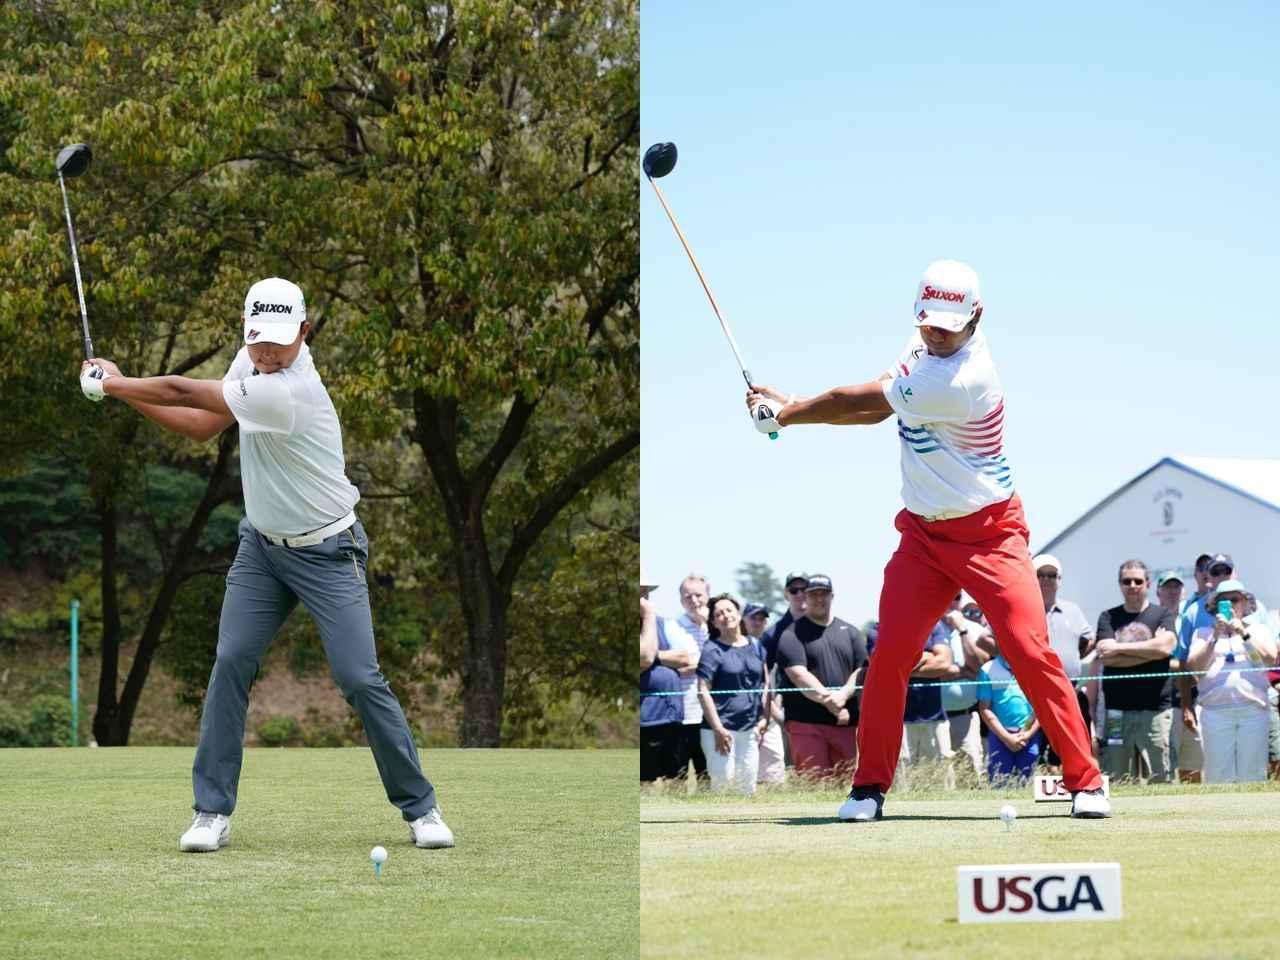 画像: 画像1。出水田(左)は松山(右)より右ひじの見える量が多い。それだけアームローテーションが多いことを意味する(撮影/岡沢裕行)